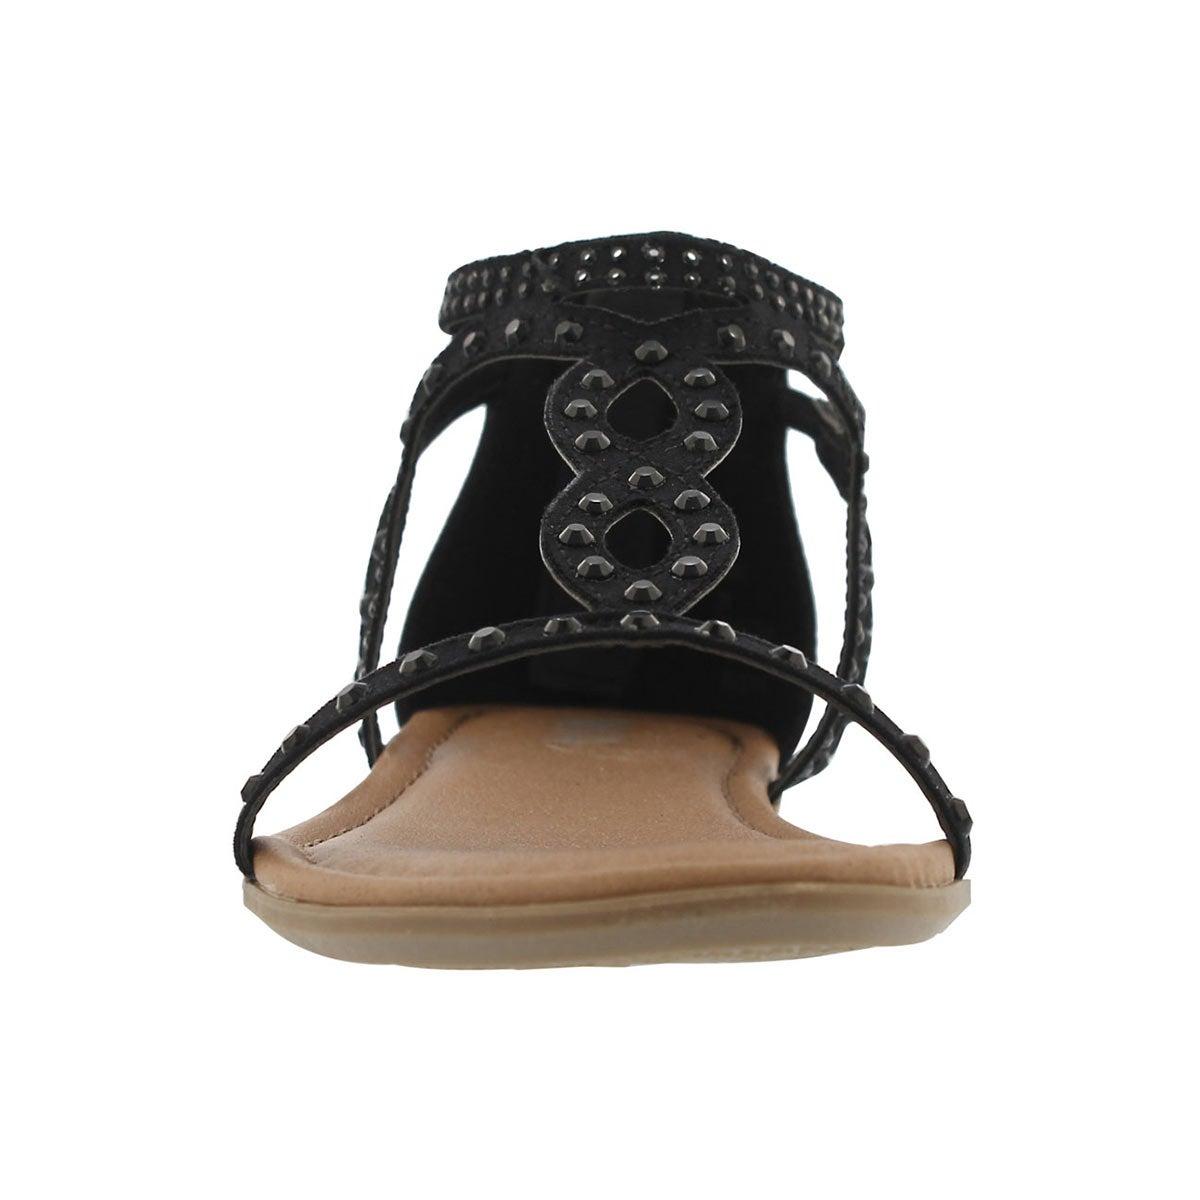 Grls Cammie black dress sandal